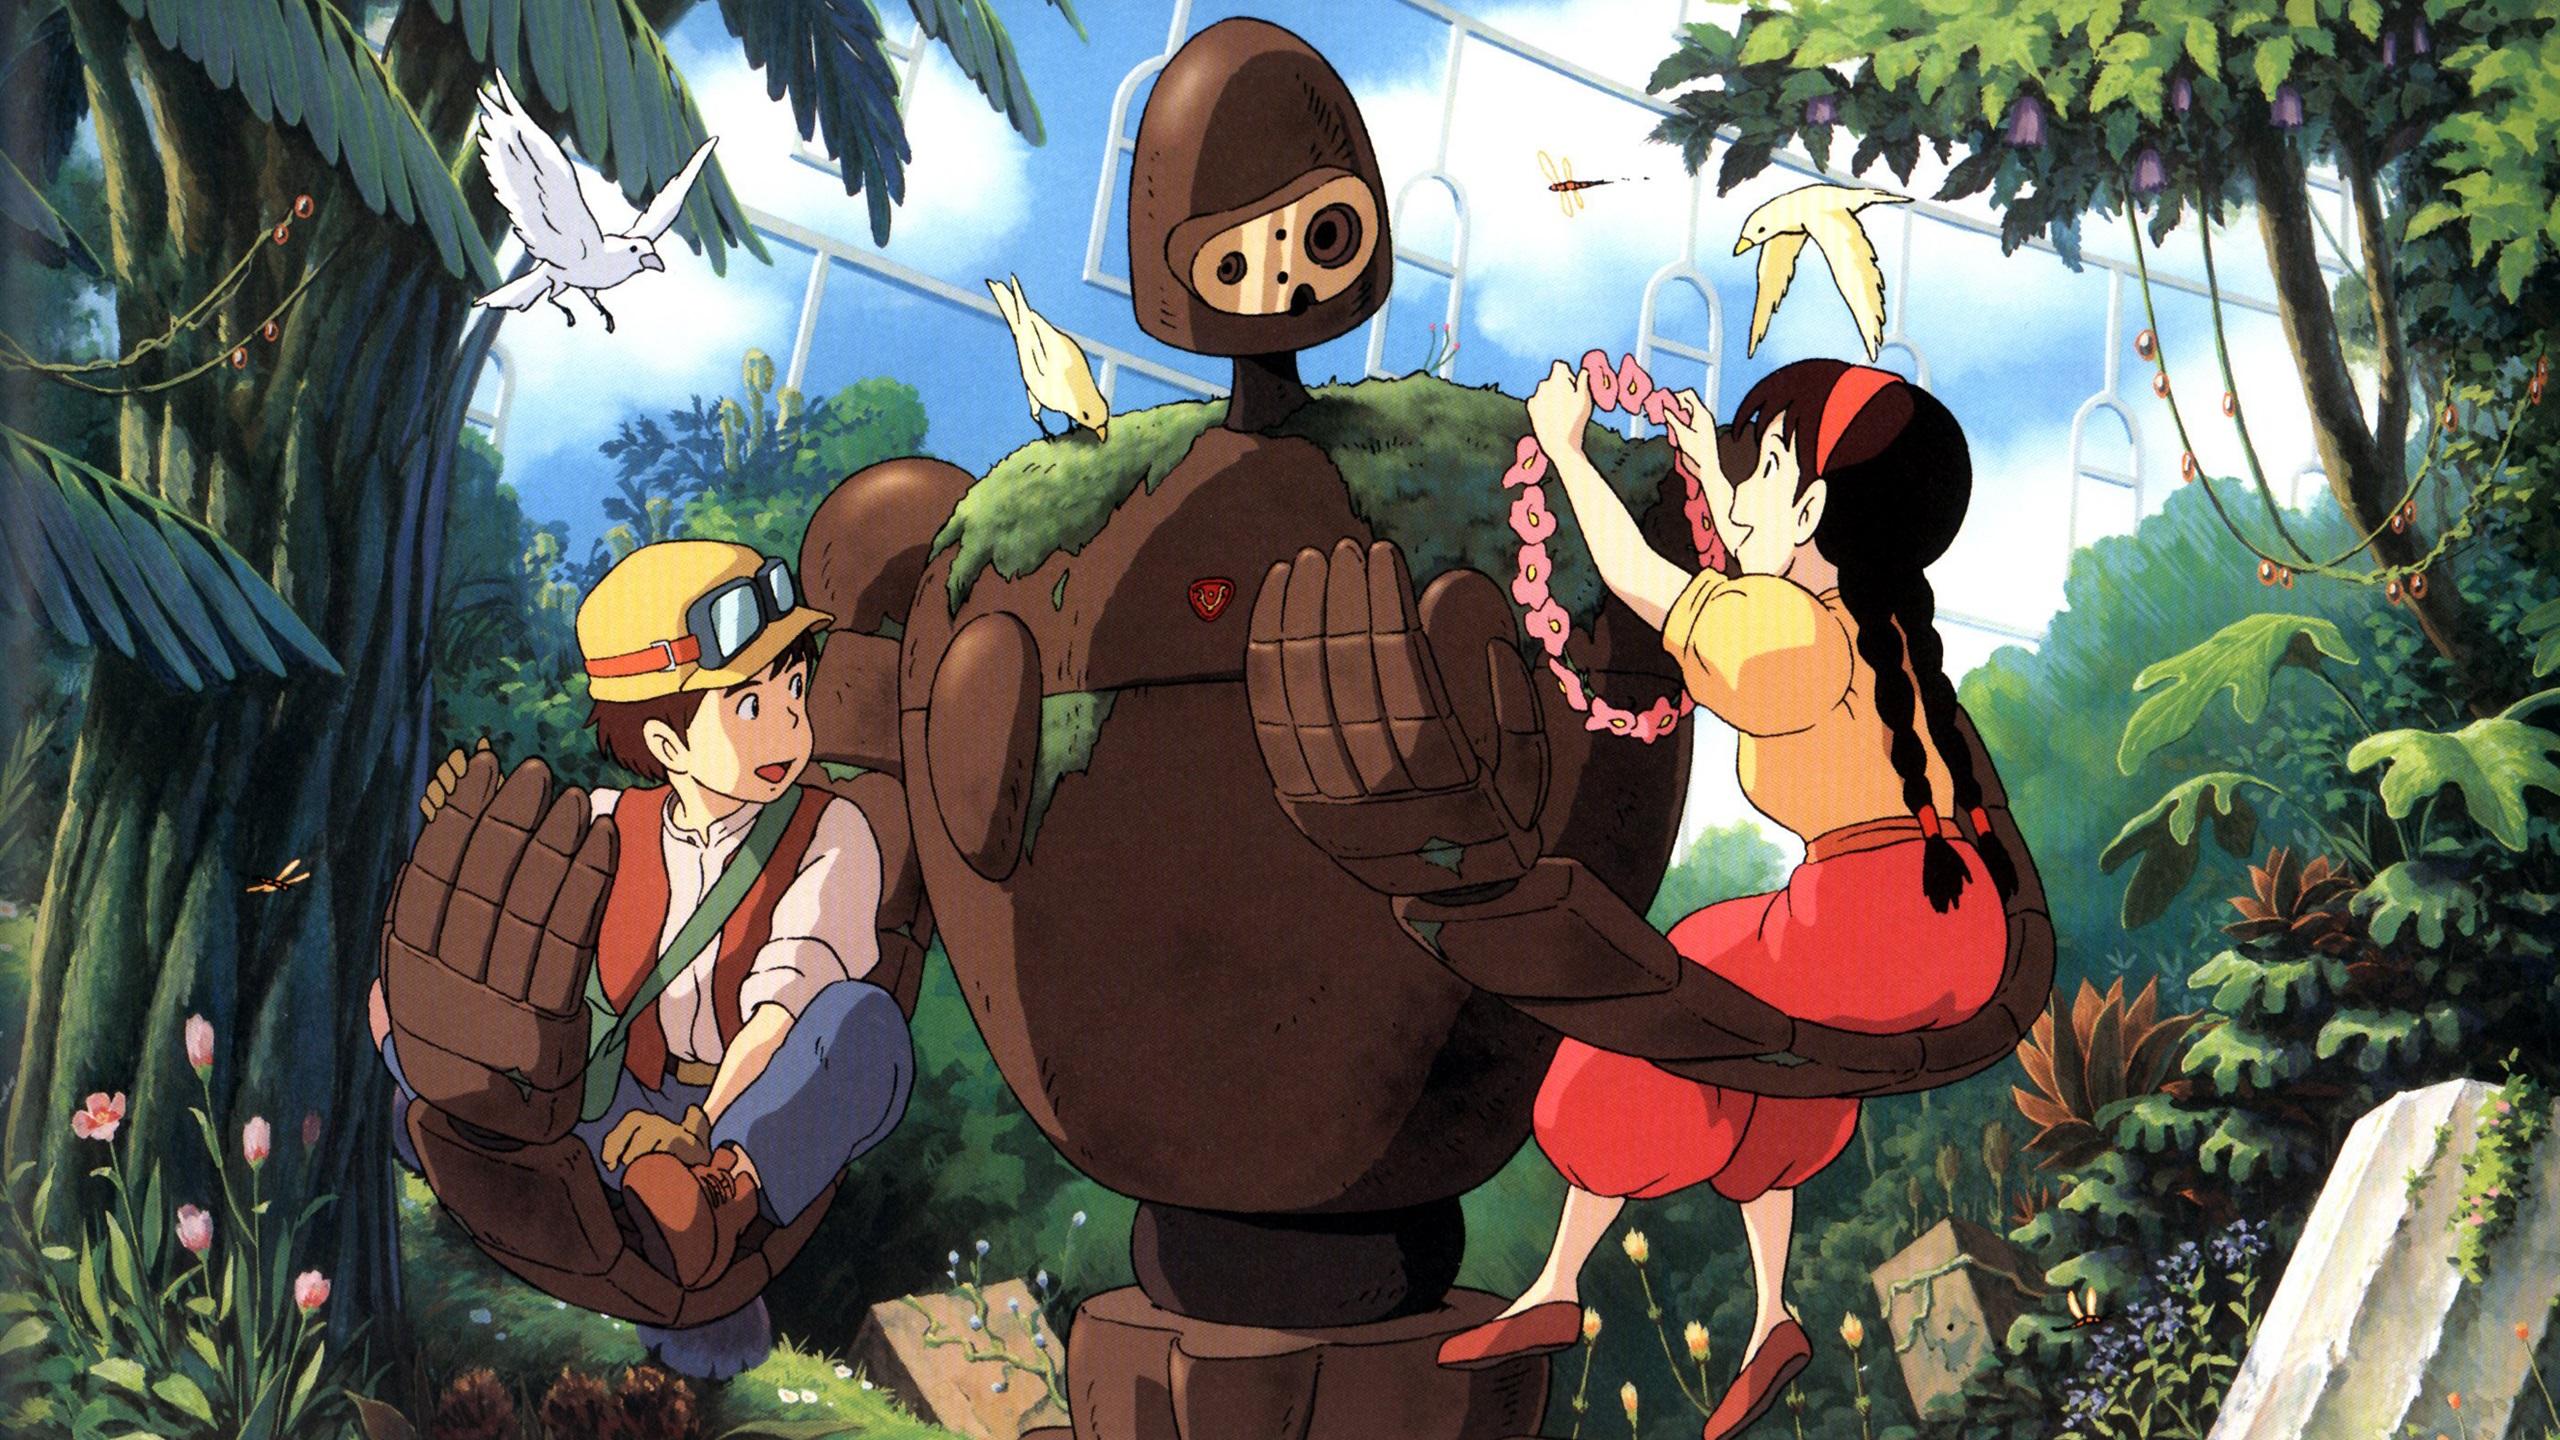 壁紙 宮崎駿 スタジオジブリ ロボット 女の子と男の子 2560x1600 Hd